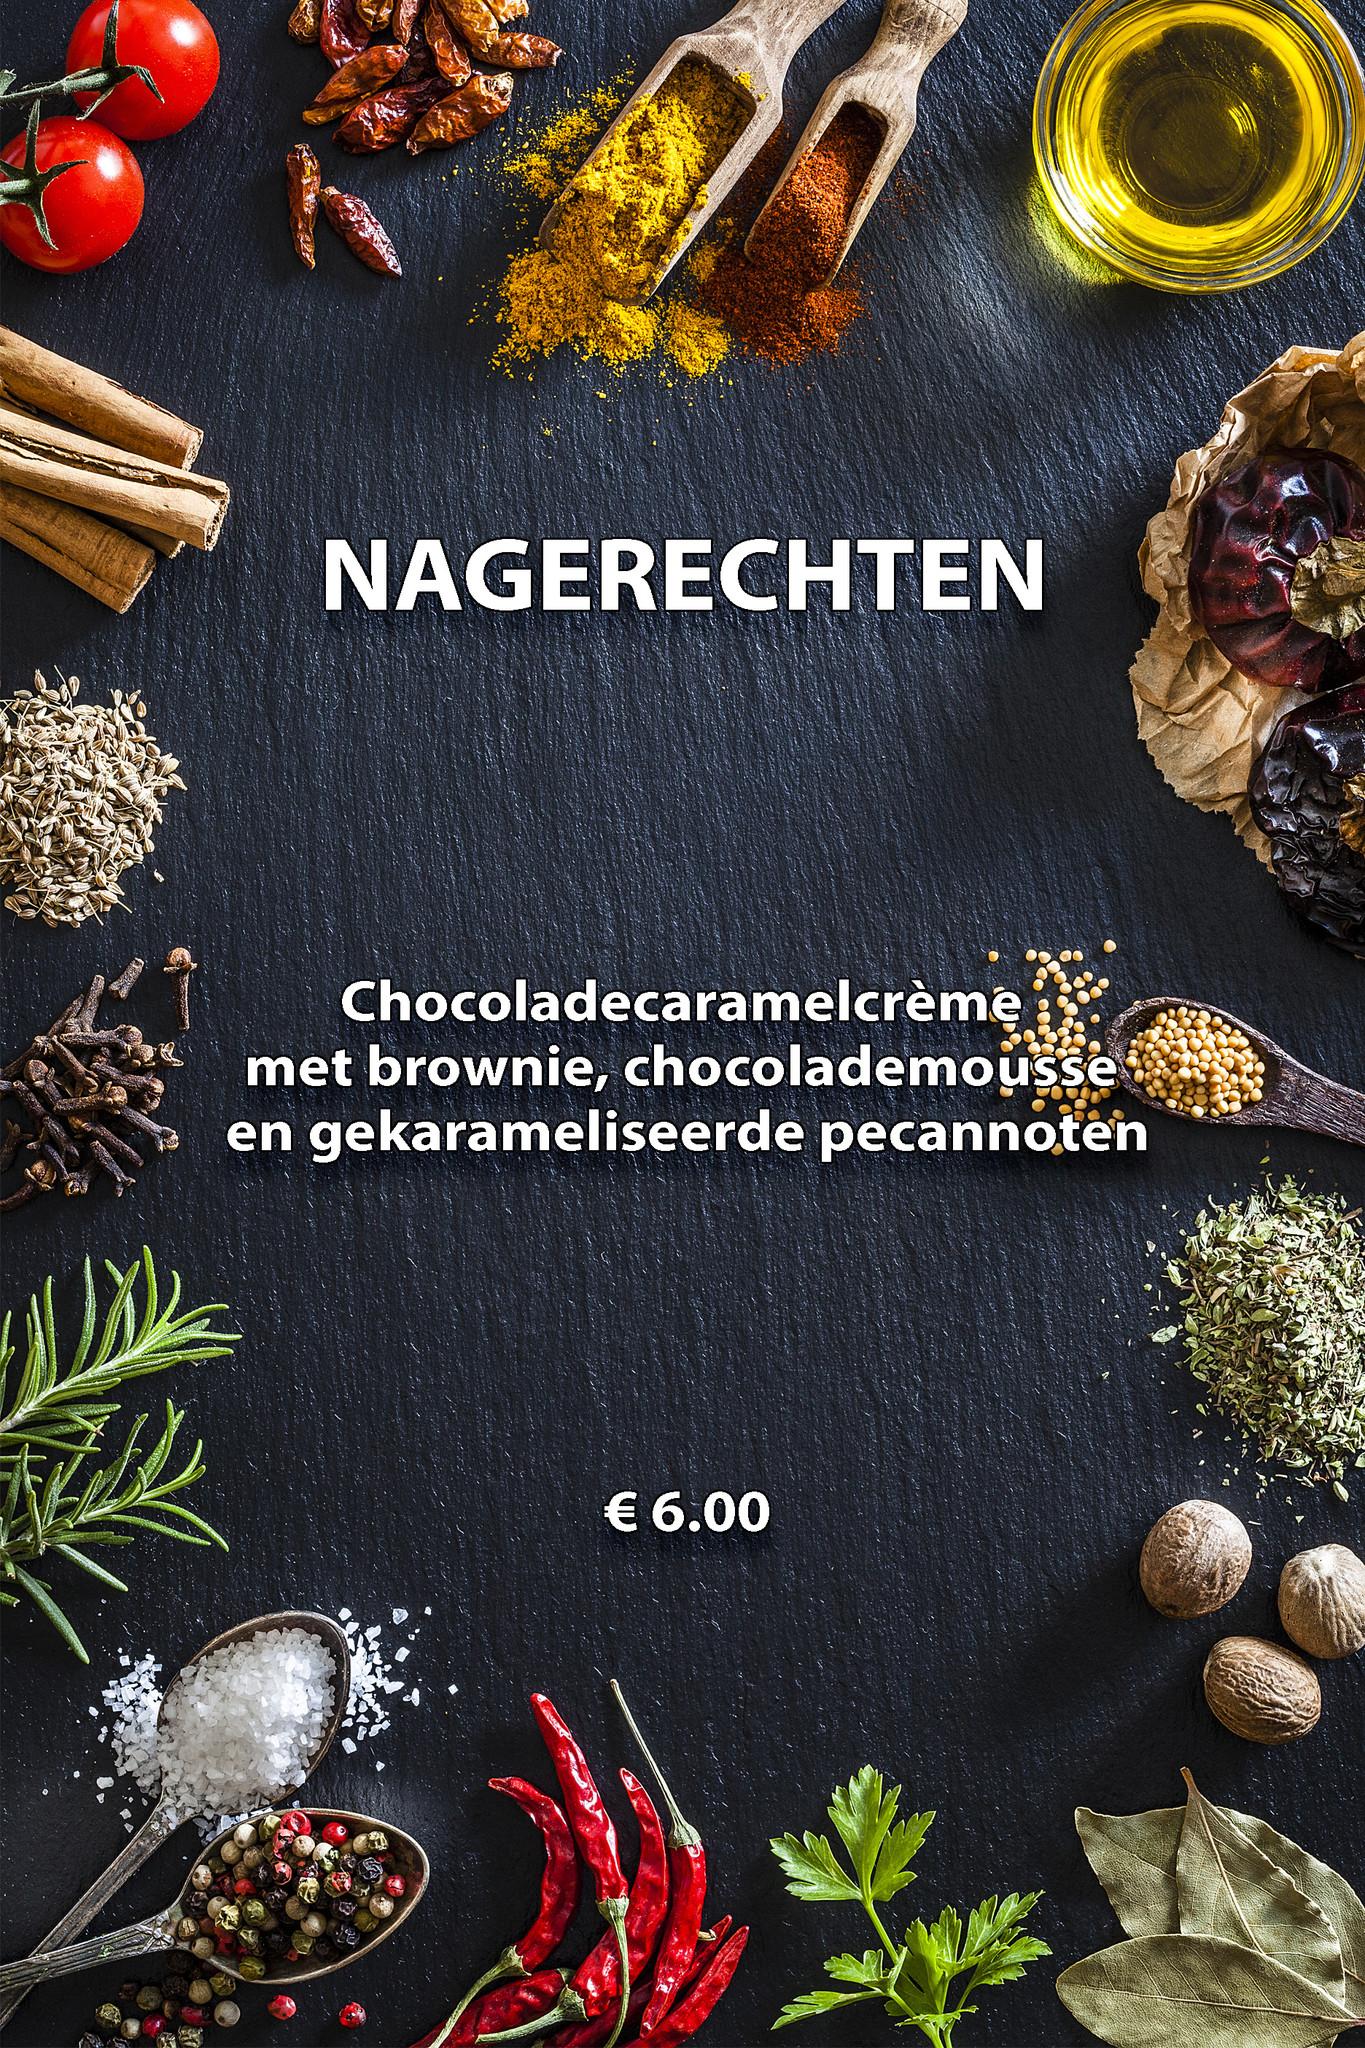 Chocoladecaramelcrème met chocolademousse en brownie-1